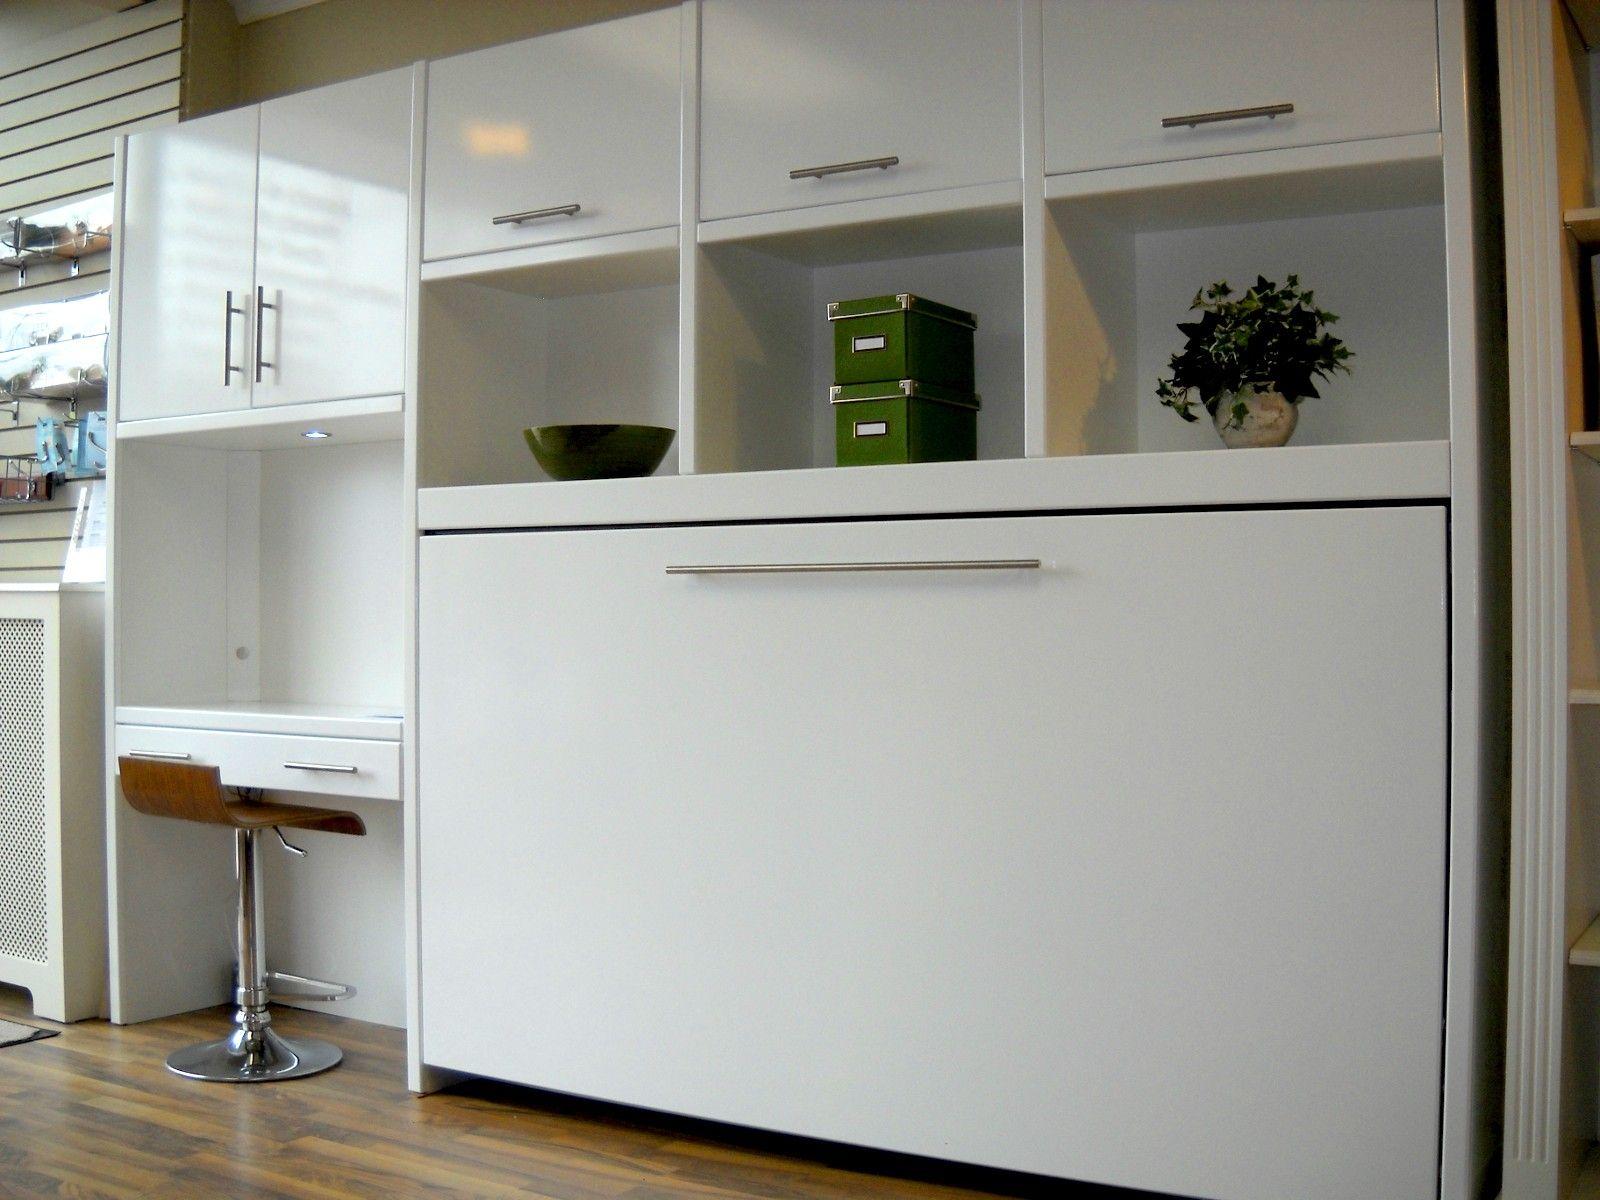 l sung f r kleine r ume 21 wandbett ideen kinderzimmer schrankbetten und bett. Black Bedroom Furniture Sets. Home Design Ideas